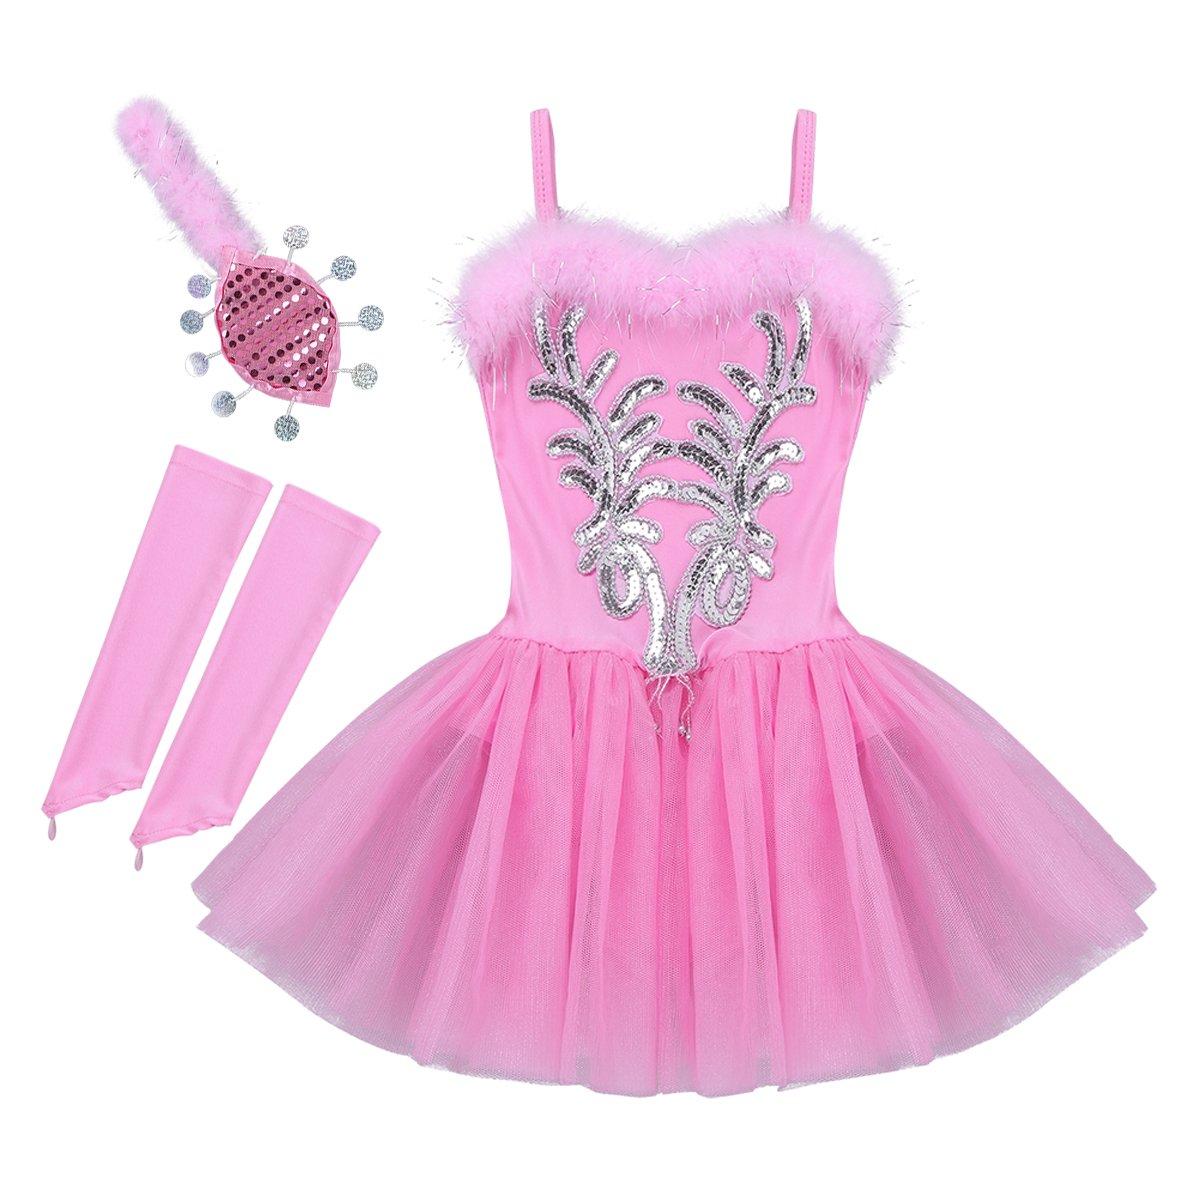 ranrann DRESS ガールズ B07HK68F2J 7 / 8|ピンク ピンク 43654